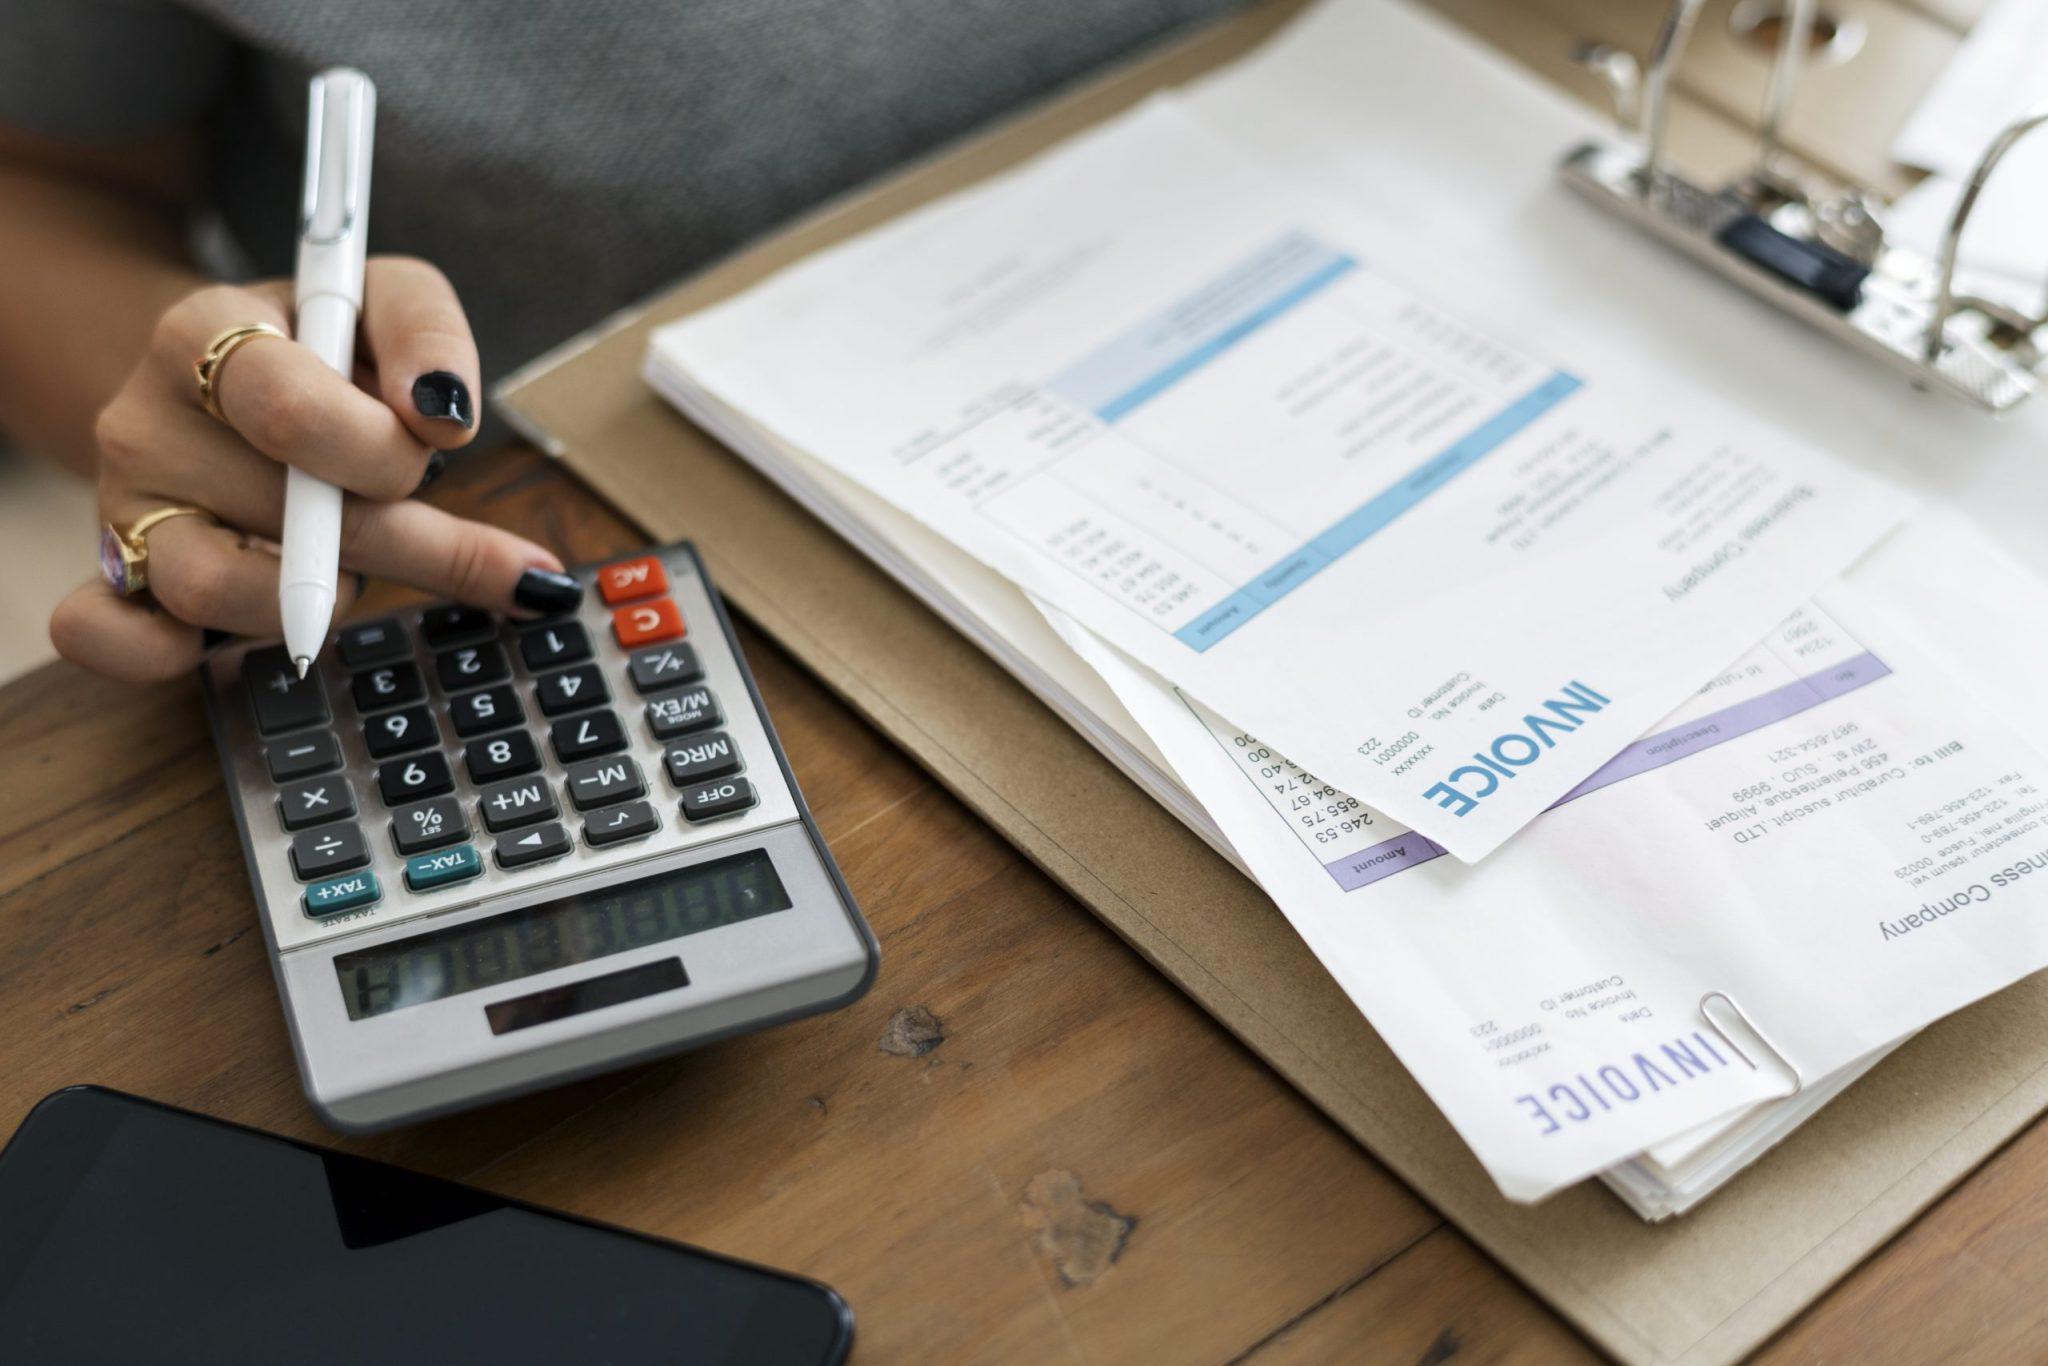 A Inscrição Estadual é obrigatória para o recolhimento do ICMS, bem como para emissão de Notas Fiscais de produtos.